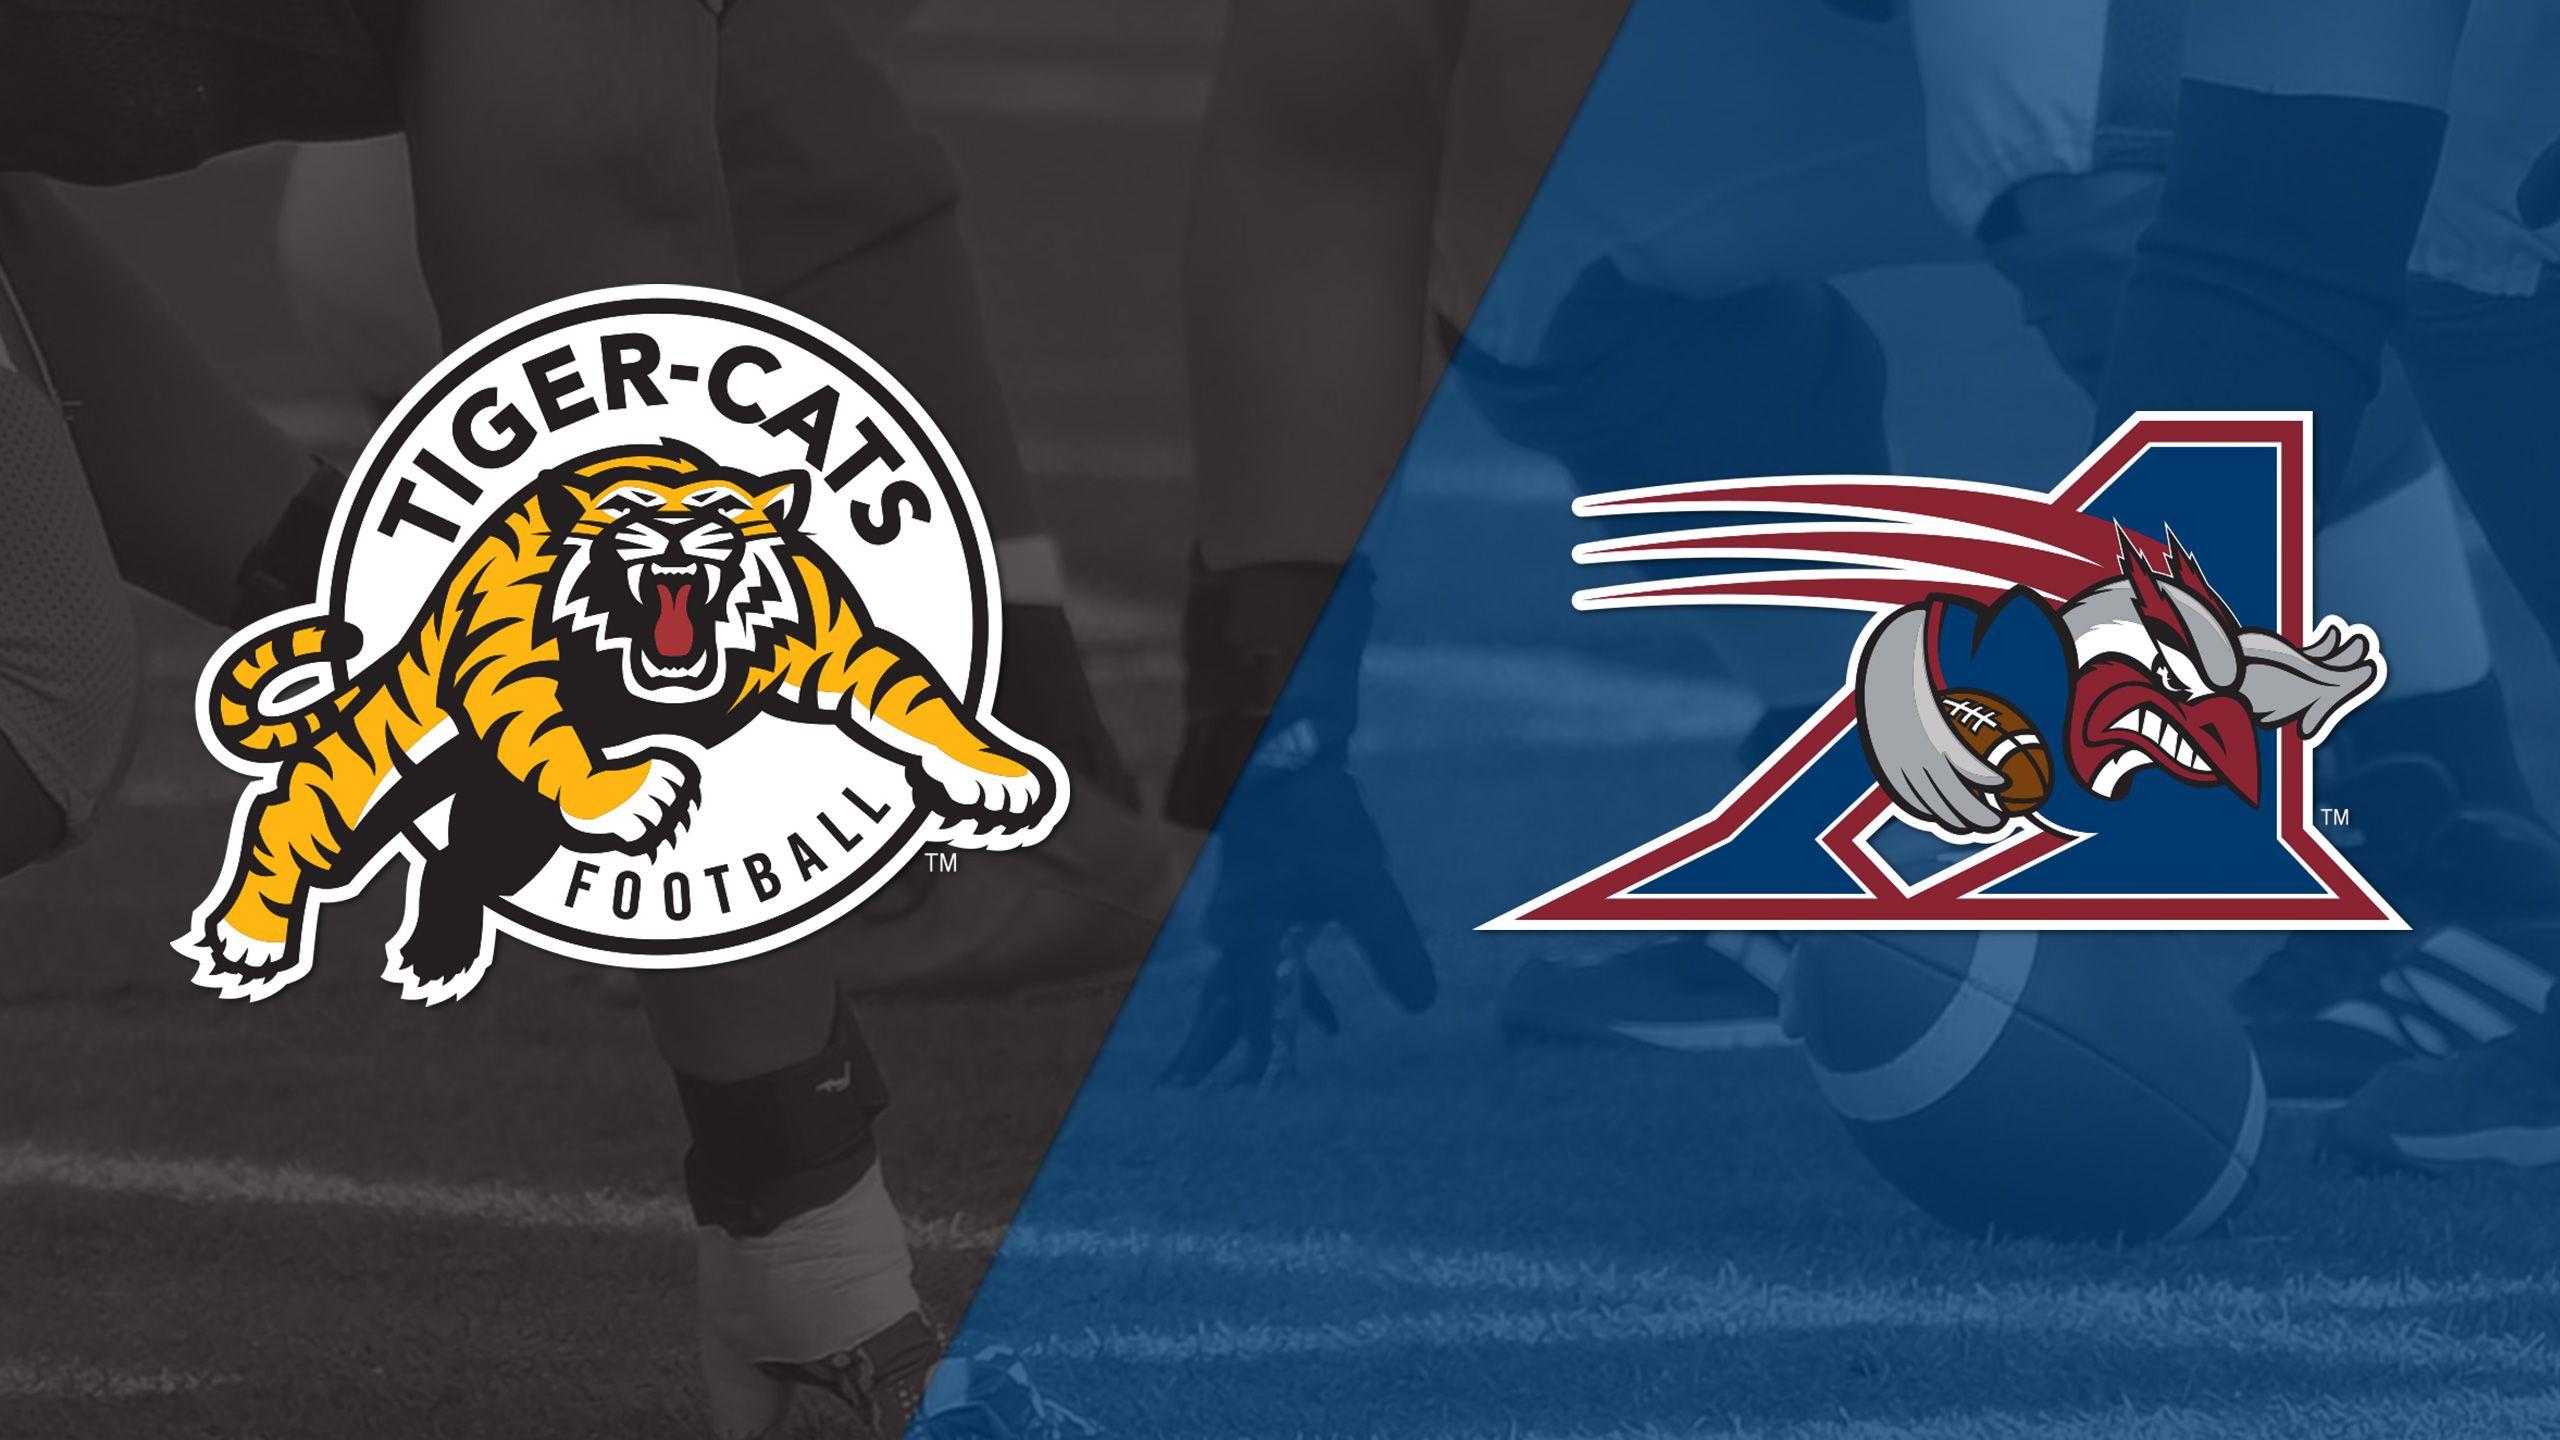 Hamilton Tiger-Cats vs. Montreal Alouettes